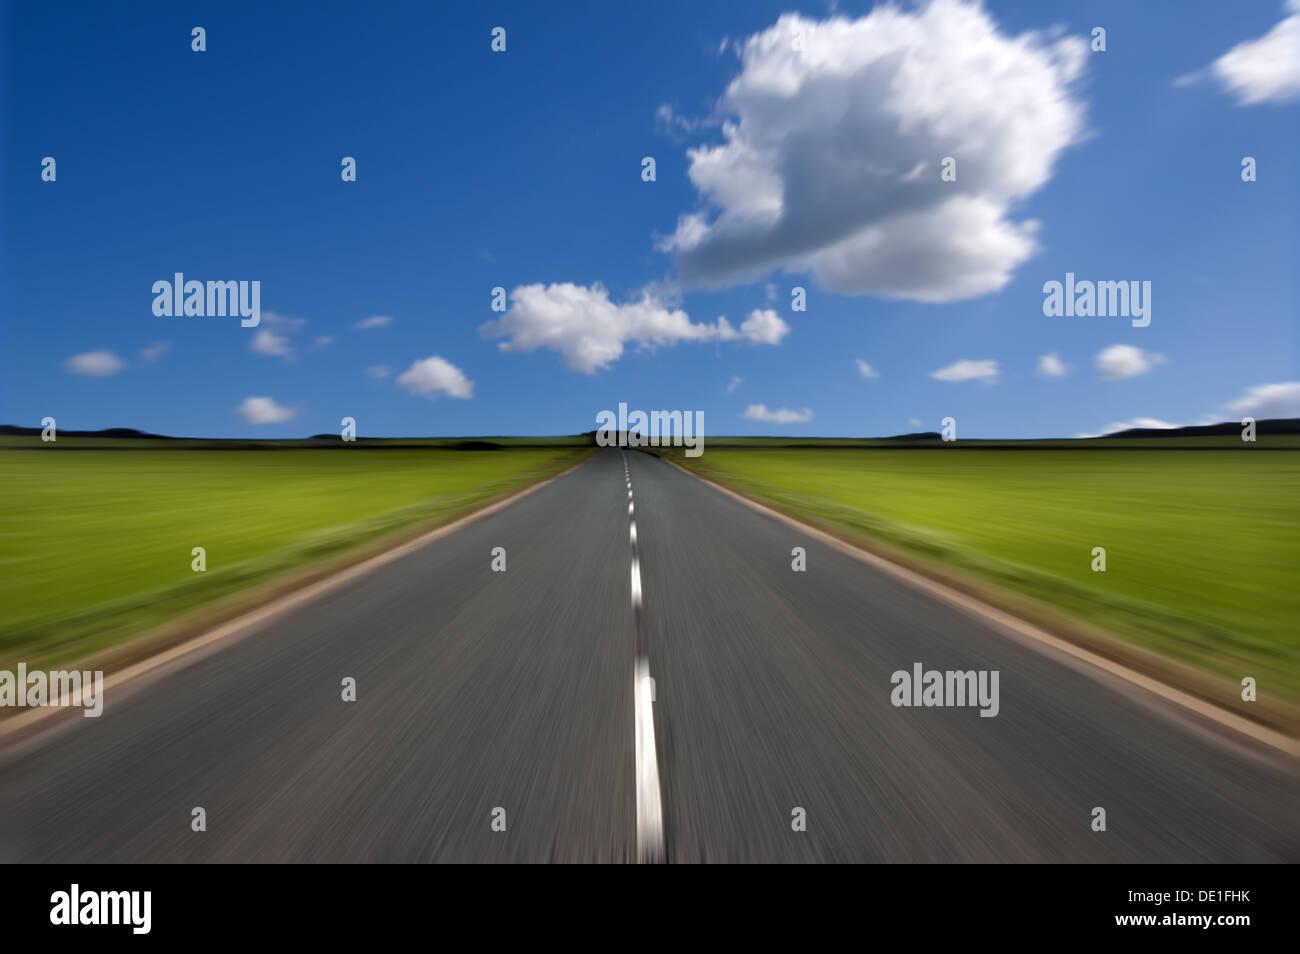 Landstraße erstreckt sich in die Ferne mit Motion blur unter einem großen Weite des blauen Himmels. Stockfoto